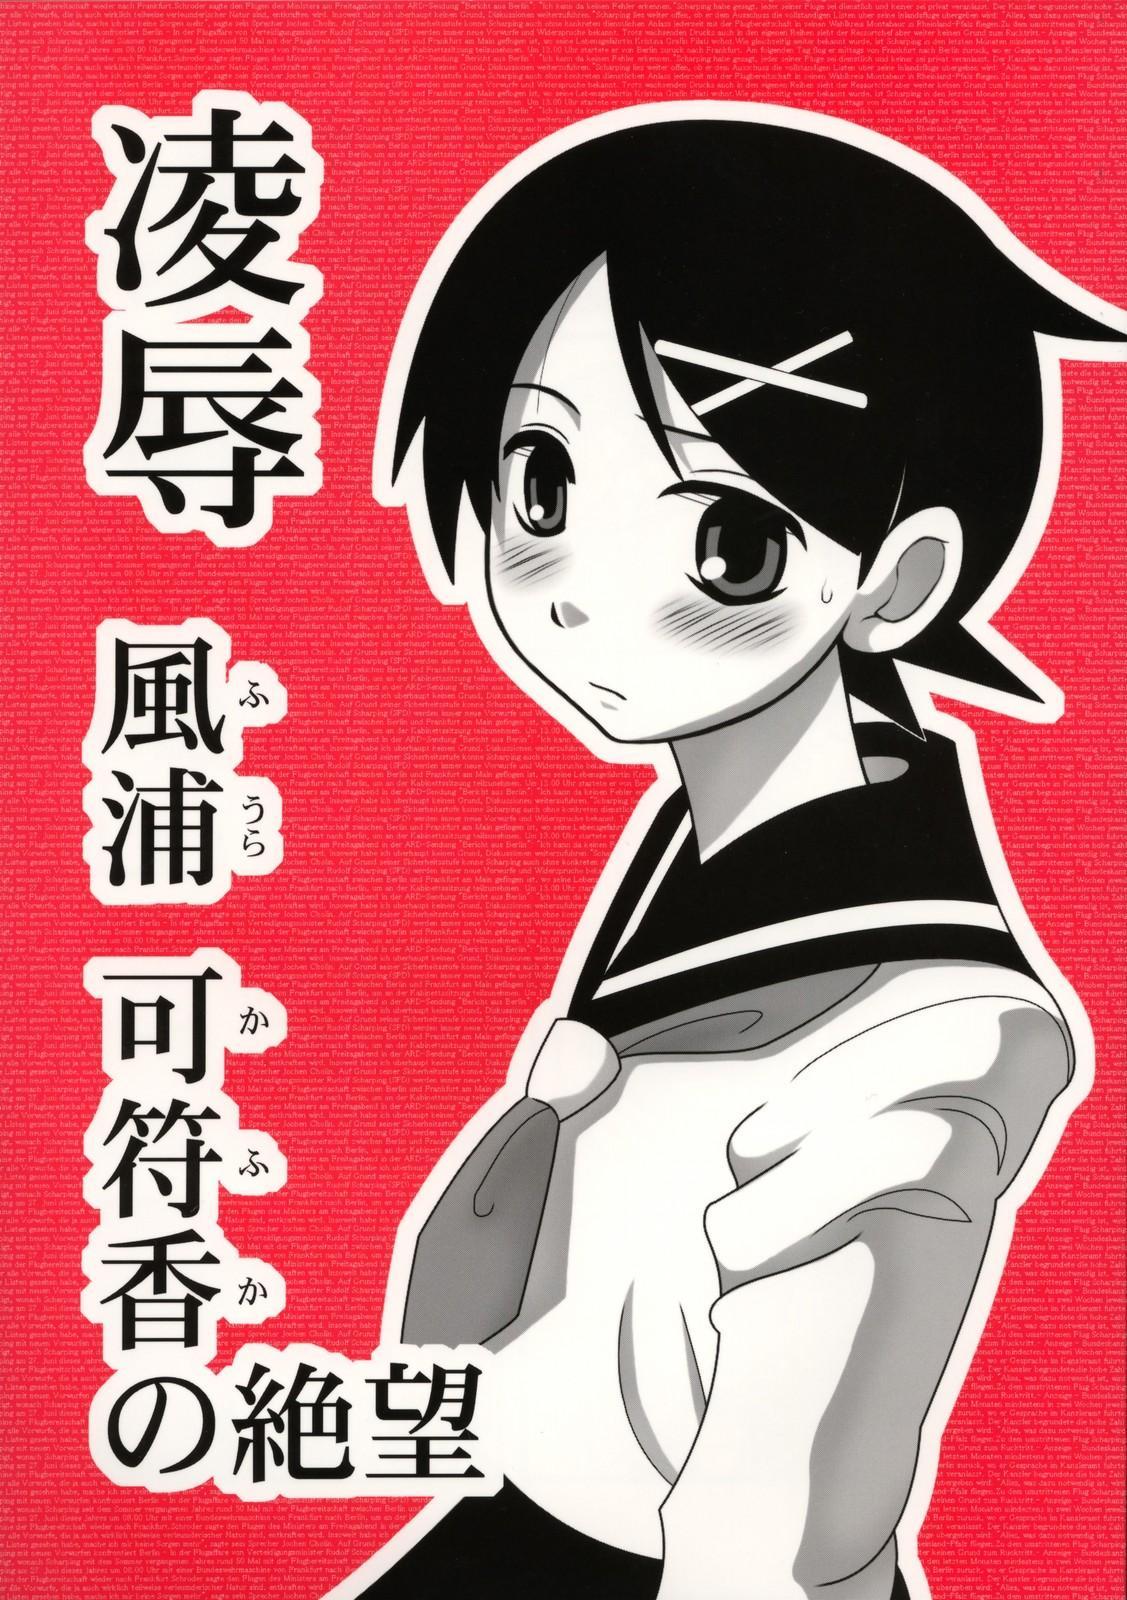 Ryoujoku Fuura Kafuka no Zetsubou 0